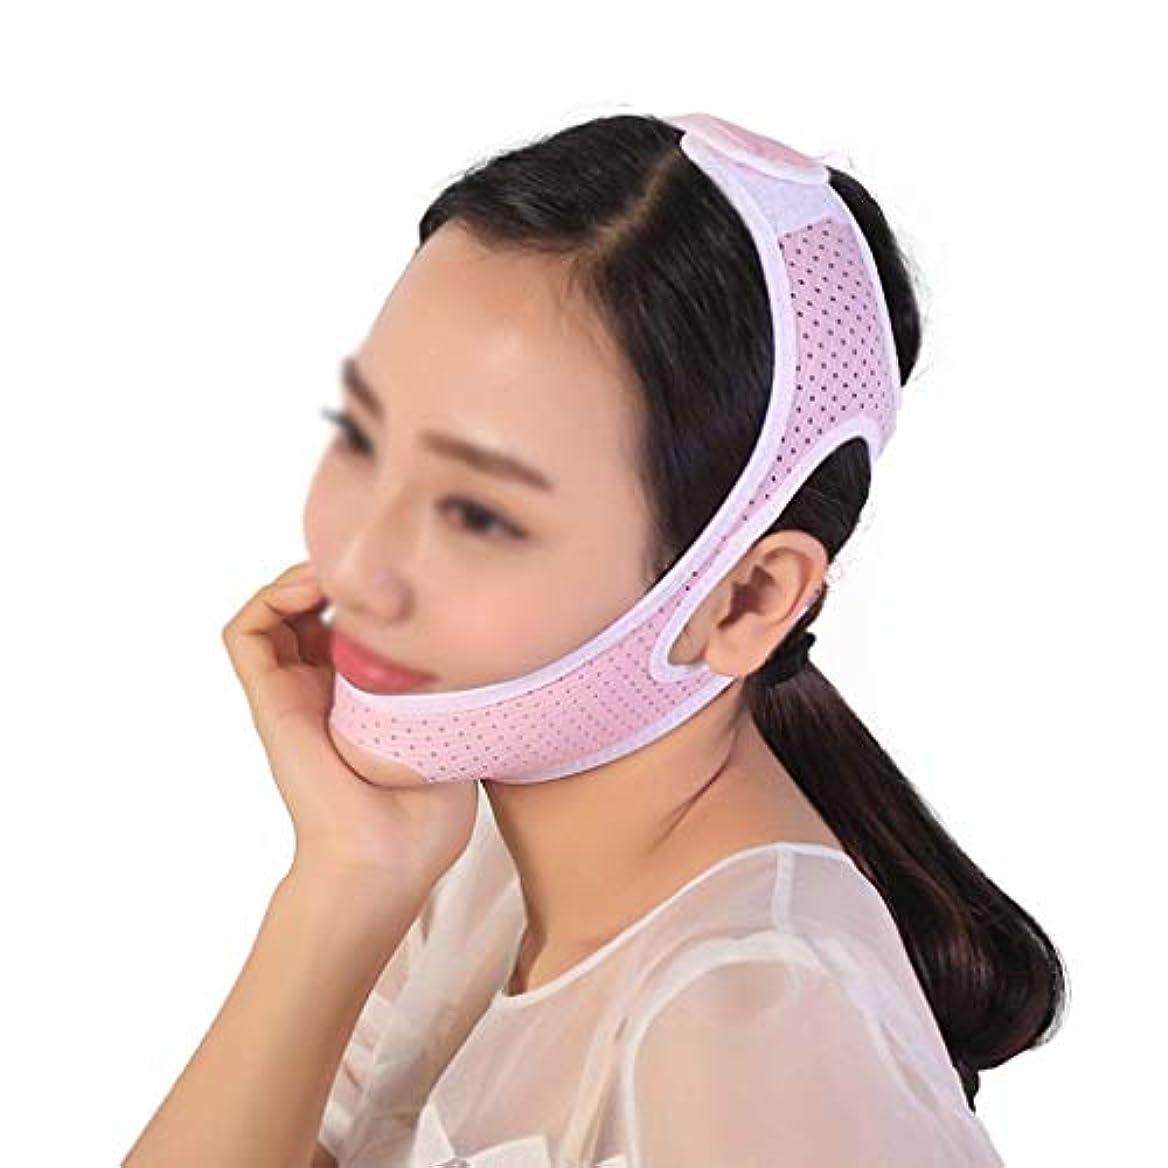 邪魔急速な評判フェイスリフトマスク、顔の皮膚の首のあごのラインを改善、リフトフェイス、細い頬マスク、細いチンチーク細いV(ピンク)(サイズ:M),L